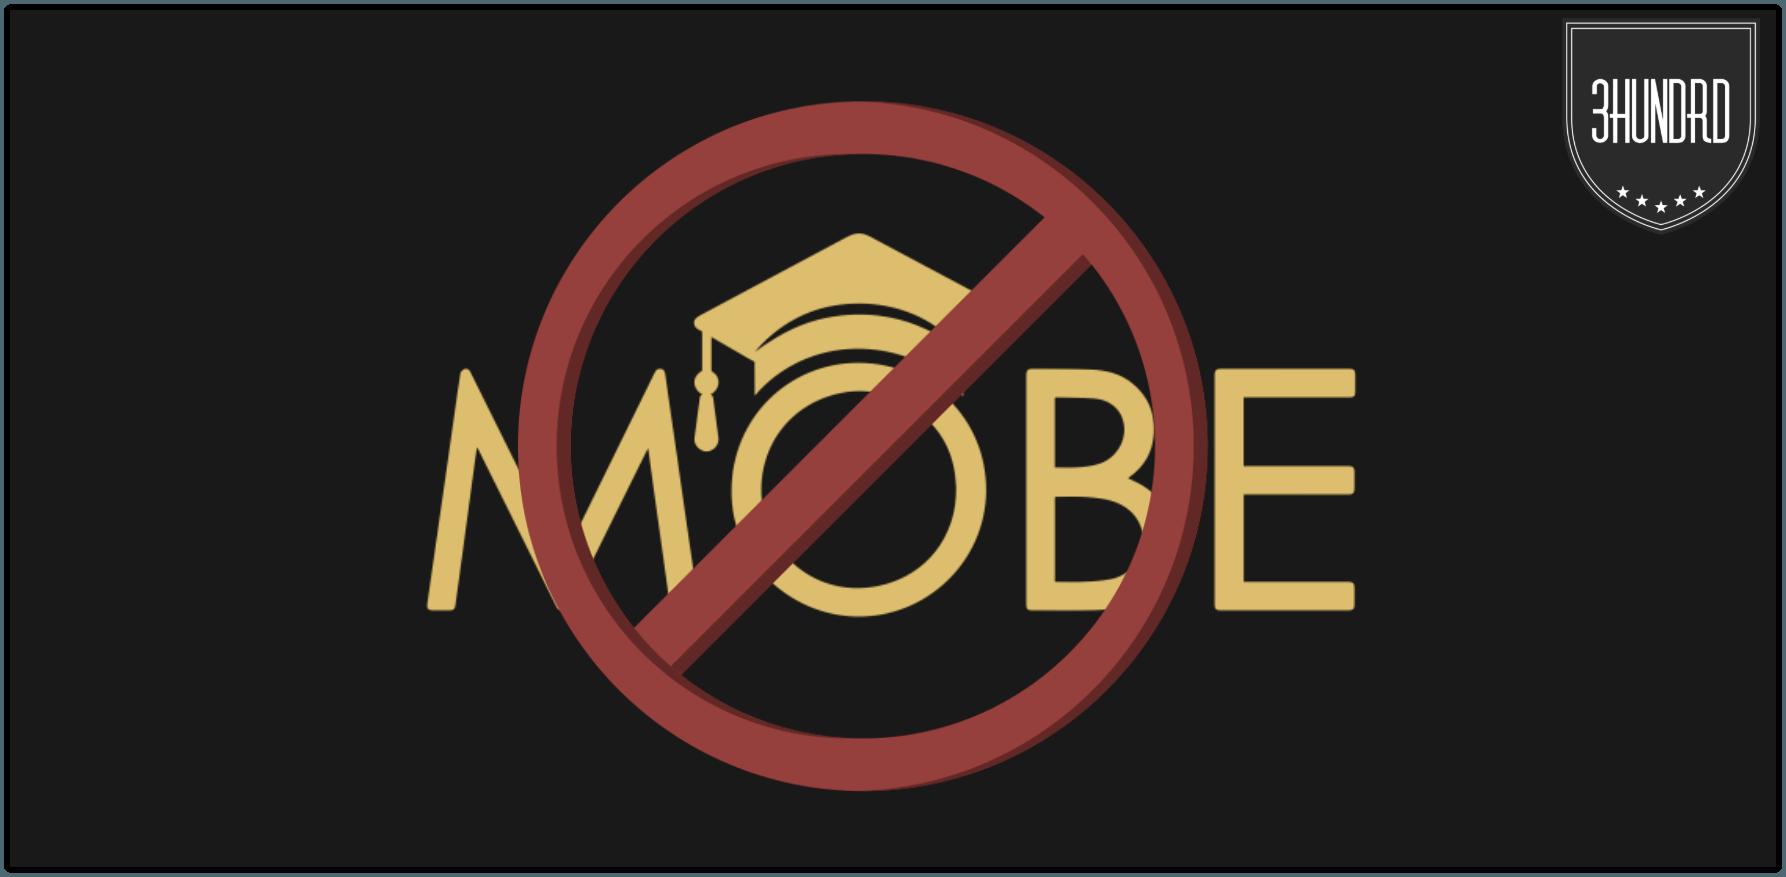 MOBE FTC